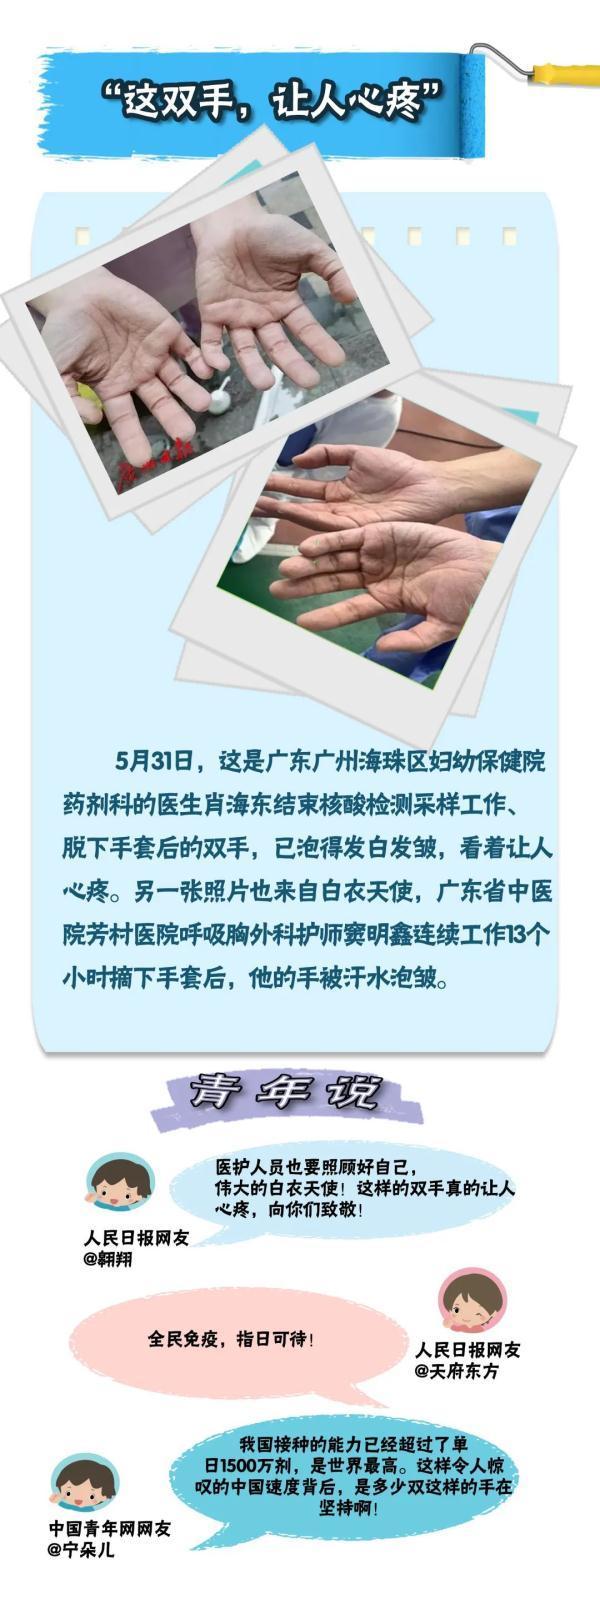 中国人的故事|暖镜头:7亿剂次,每个人都是一道防线 全球新闻风头榜 第4张